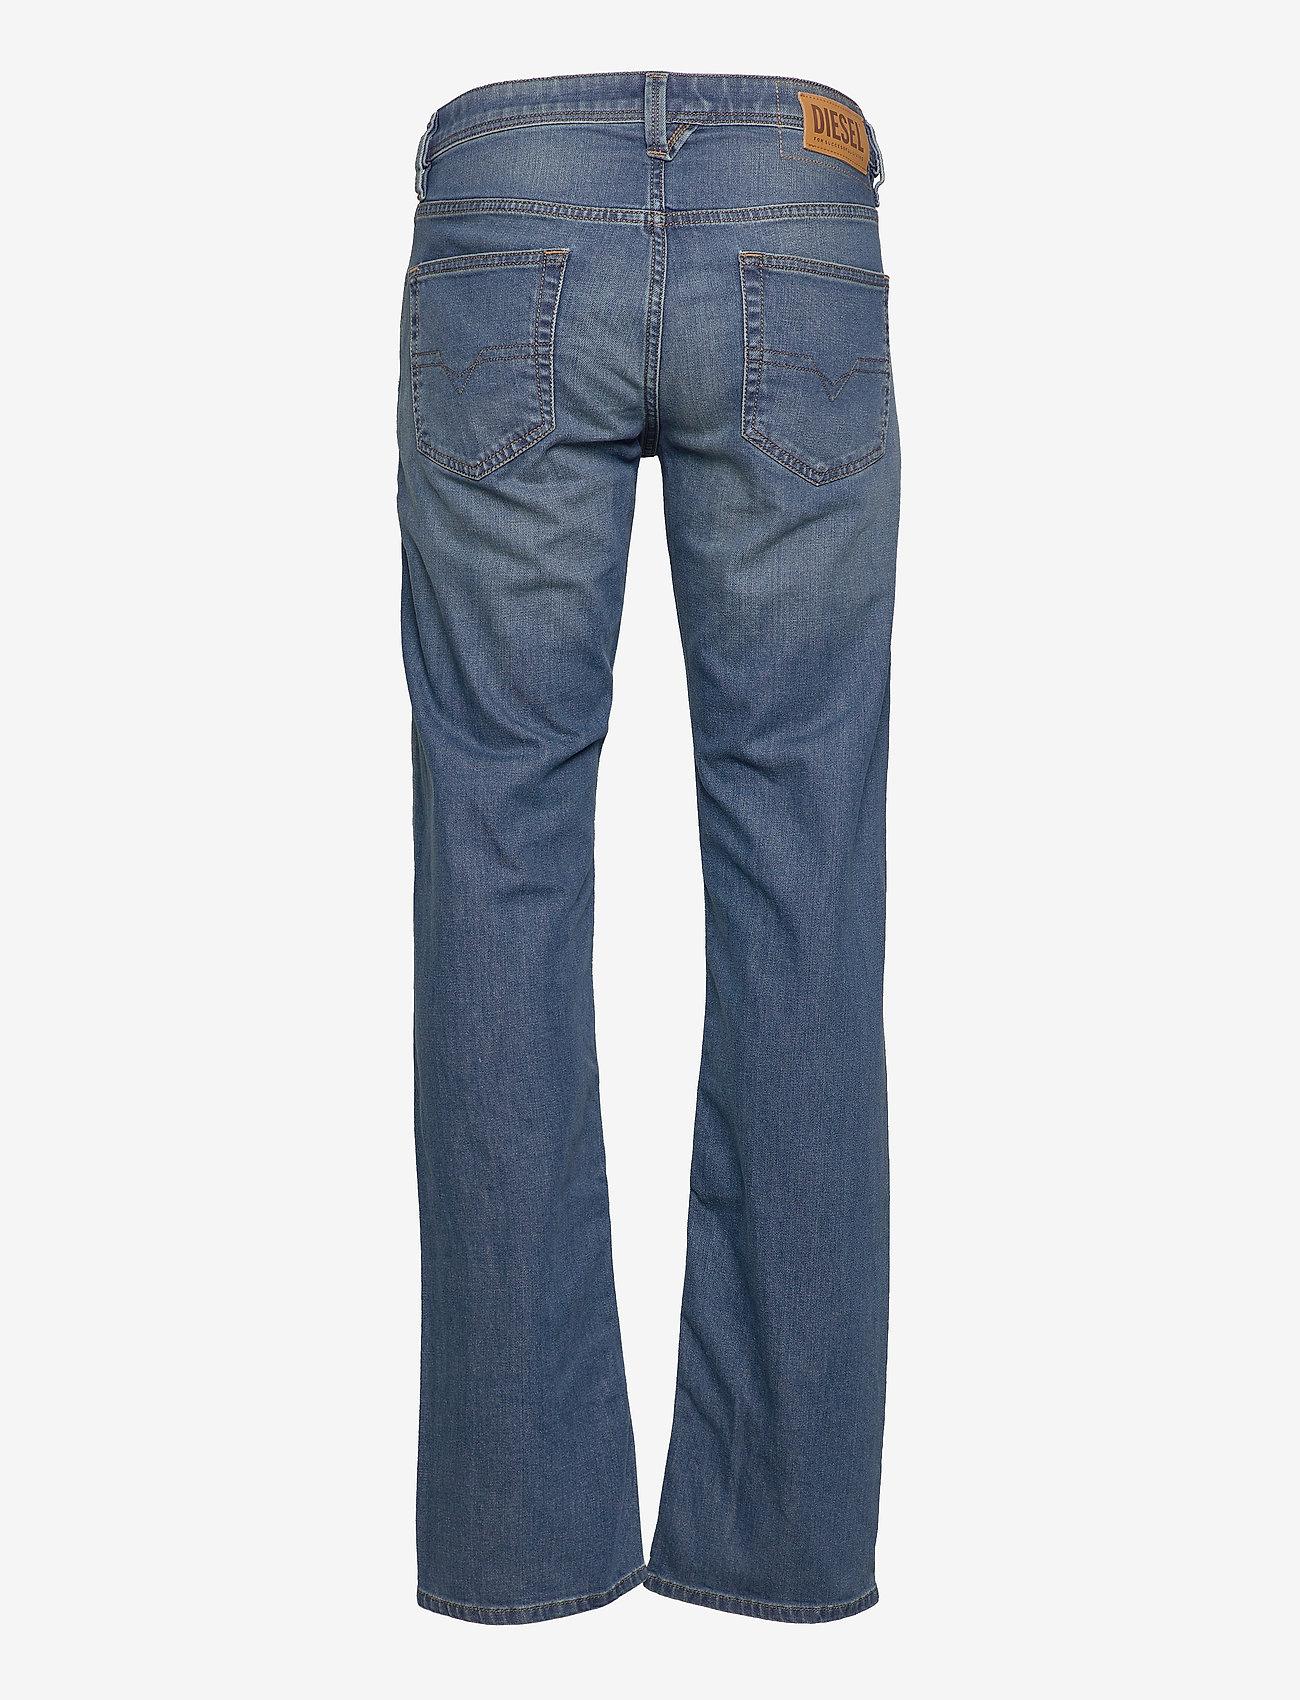 Diesel Men - LARKEE-X L.34 TROUSERS - relaxed jeans - denim - 1